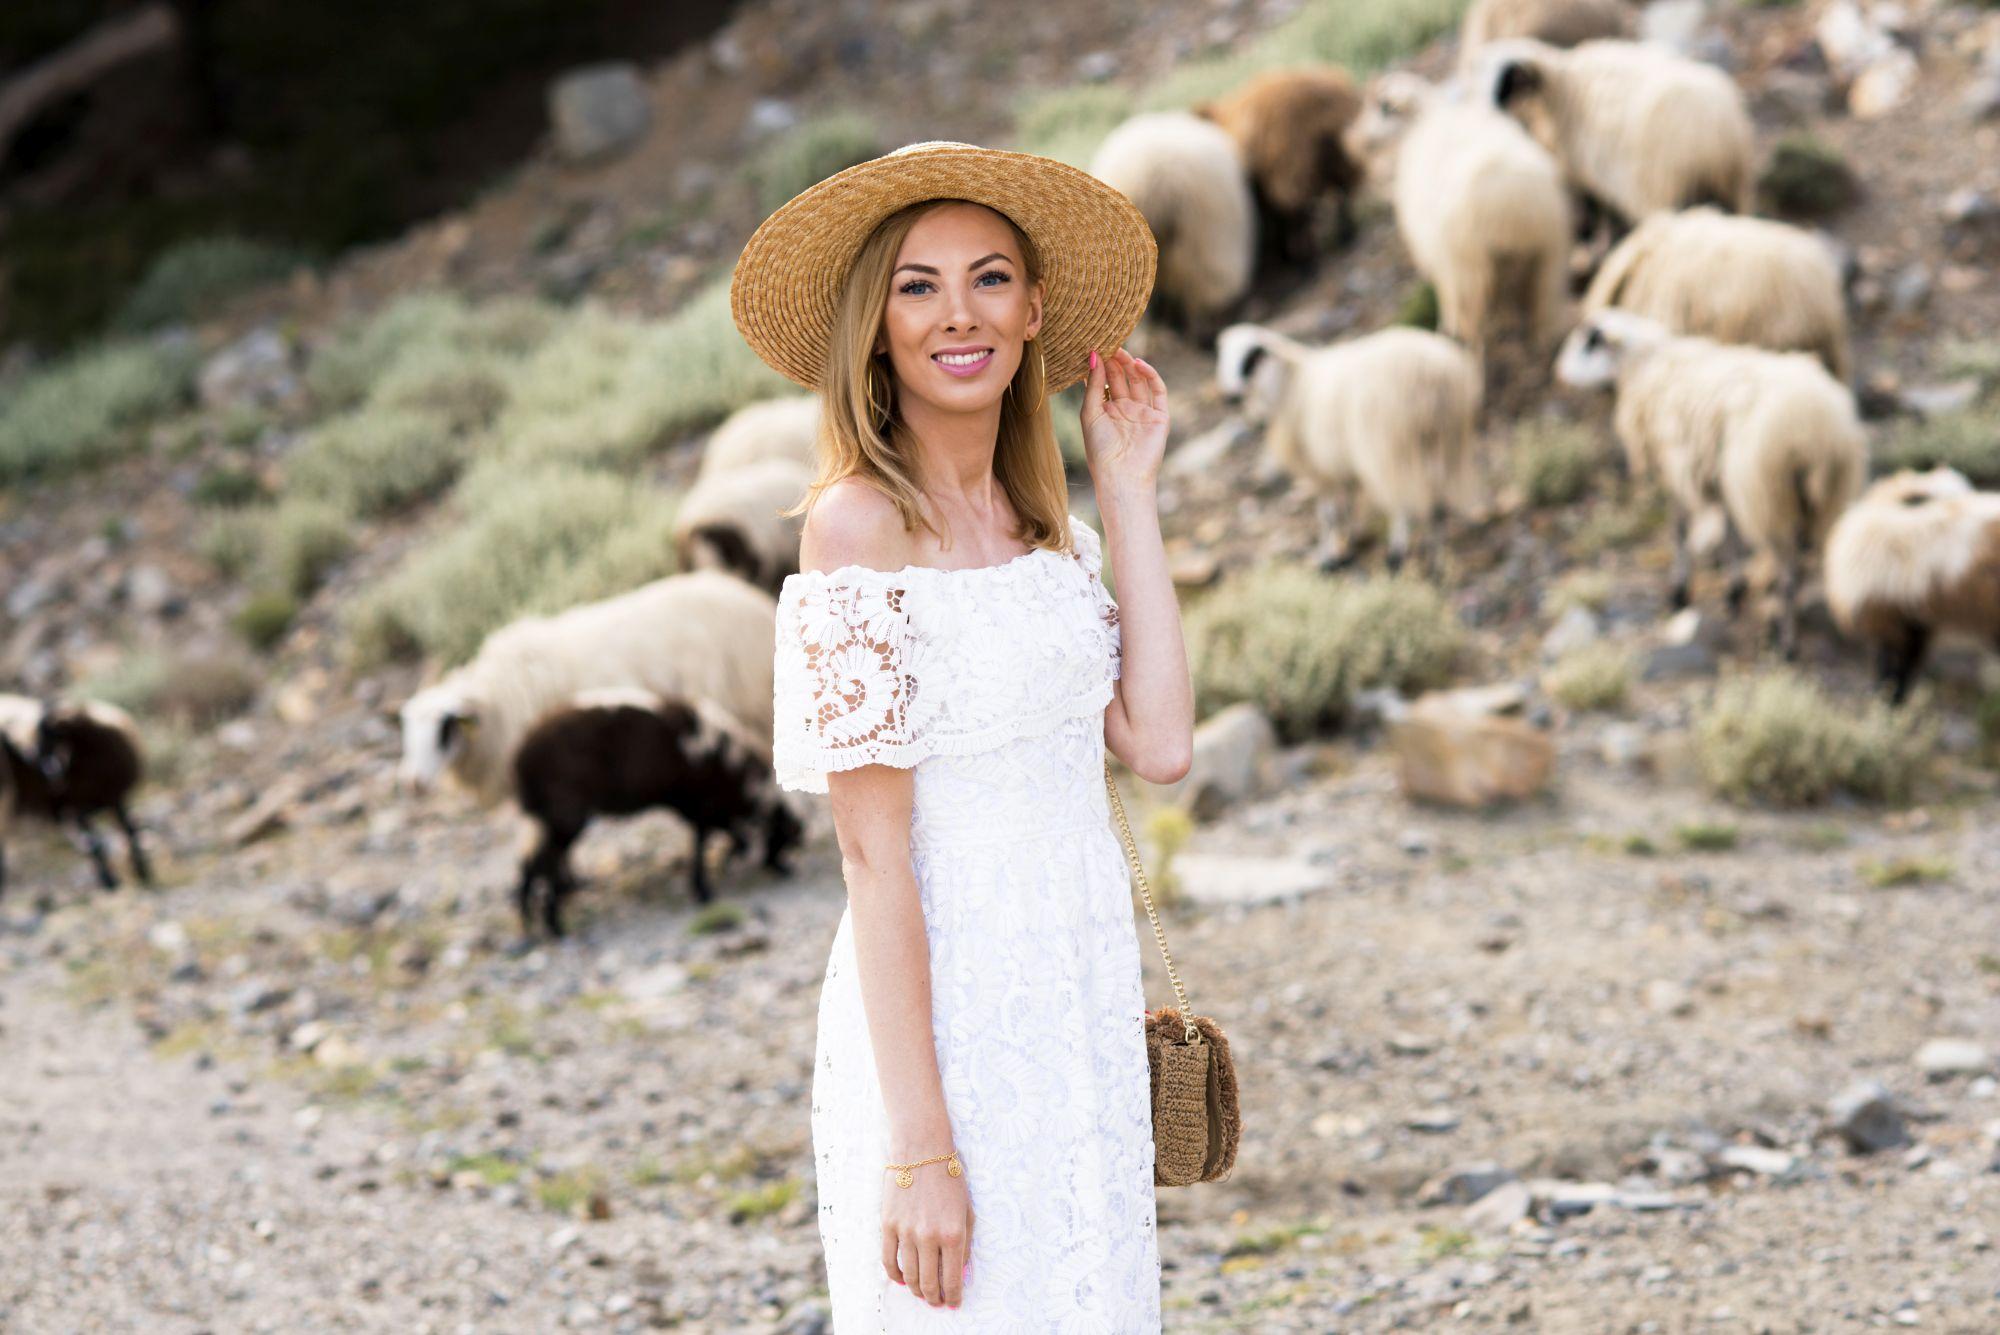 modelka w letnim kapeluszu